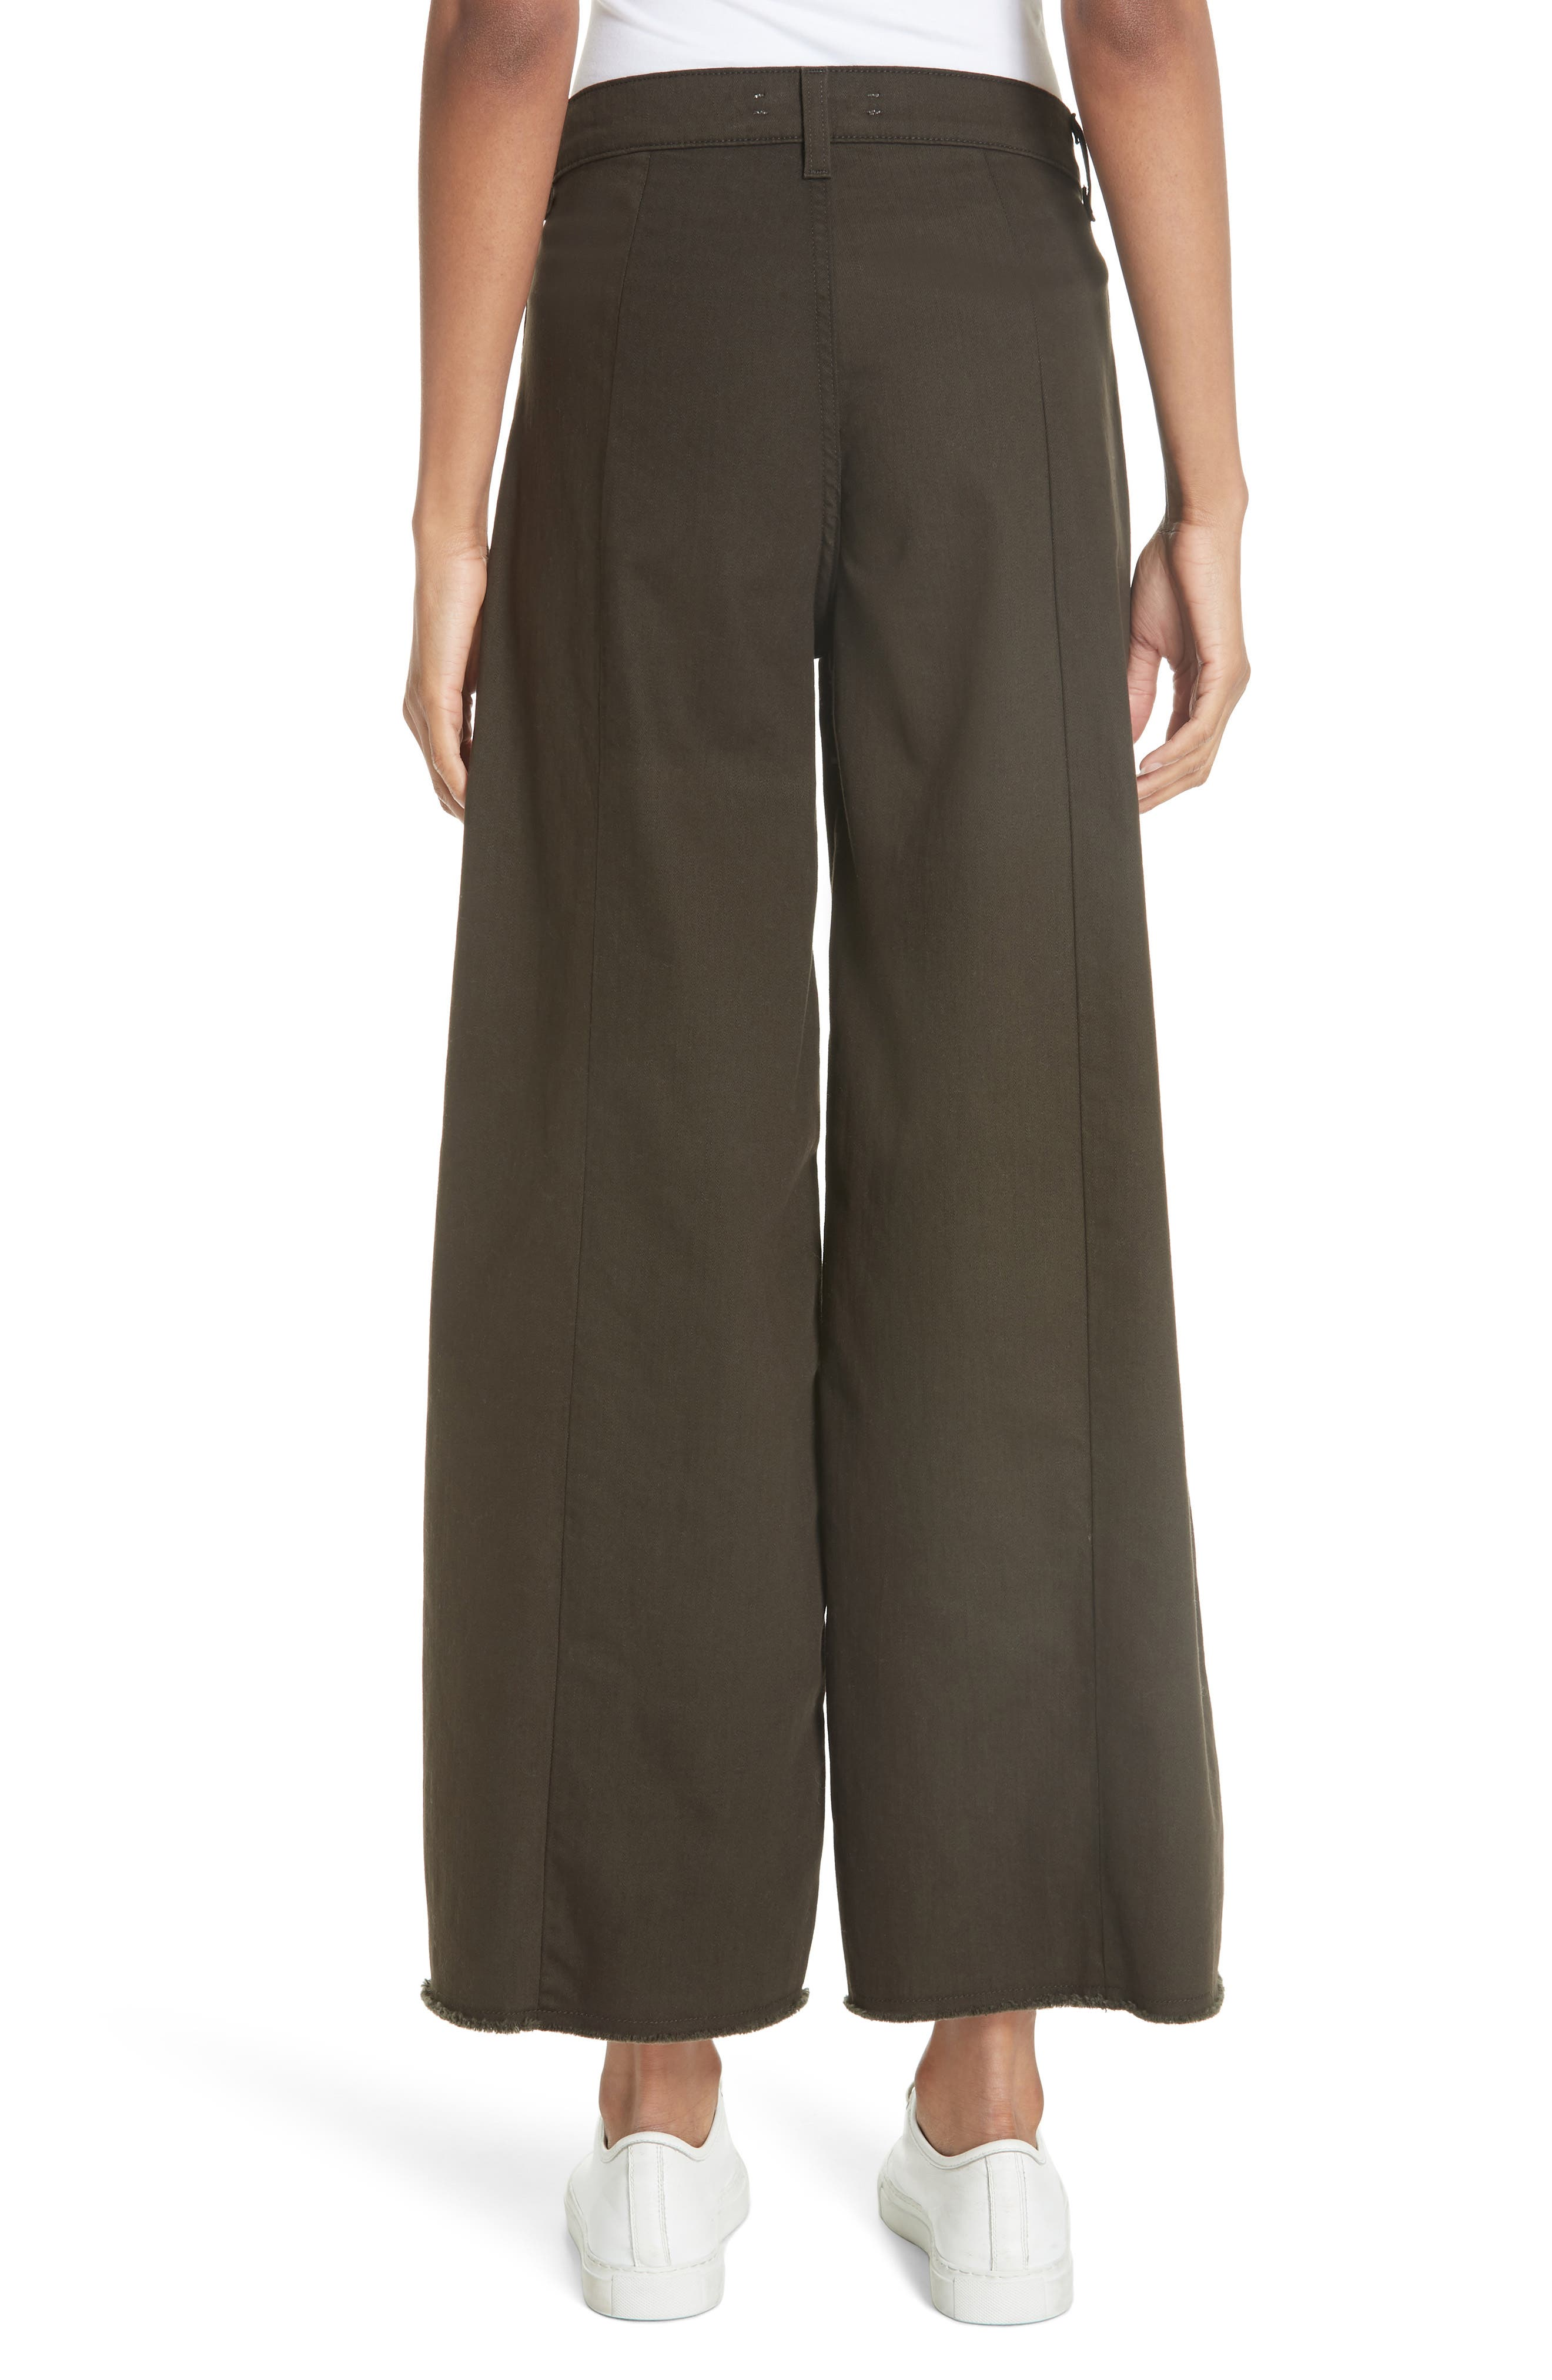 Carmine High Waist Wide Leg Crop Jeans,                             Alternate thumbnail 2, color,                             COMBAT